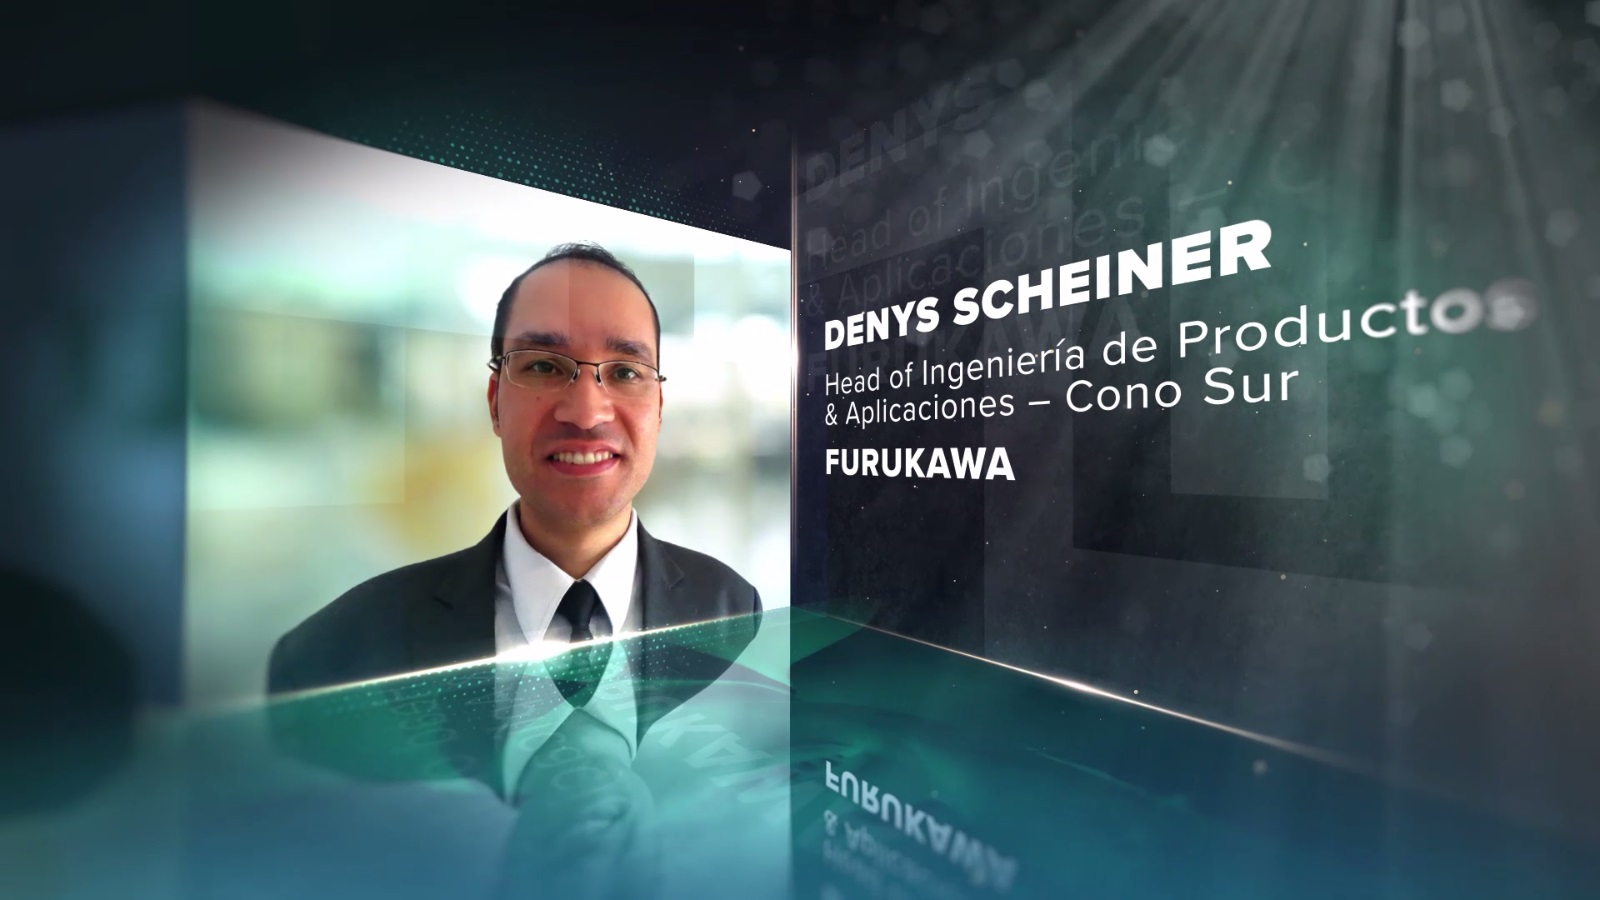 EVENTO 4.5 - Hospitales Inteligentes Tecnología que salva vidas - DENYS SCHEINER - FURUKAWA